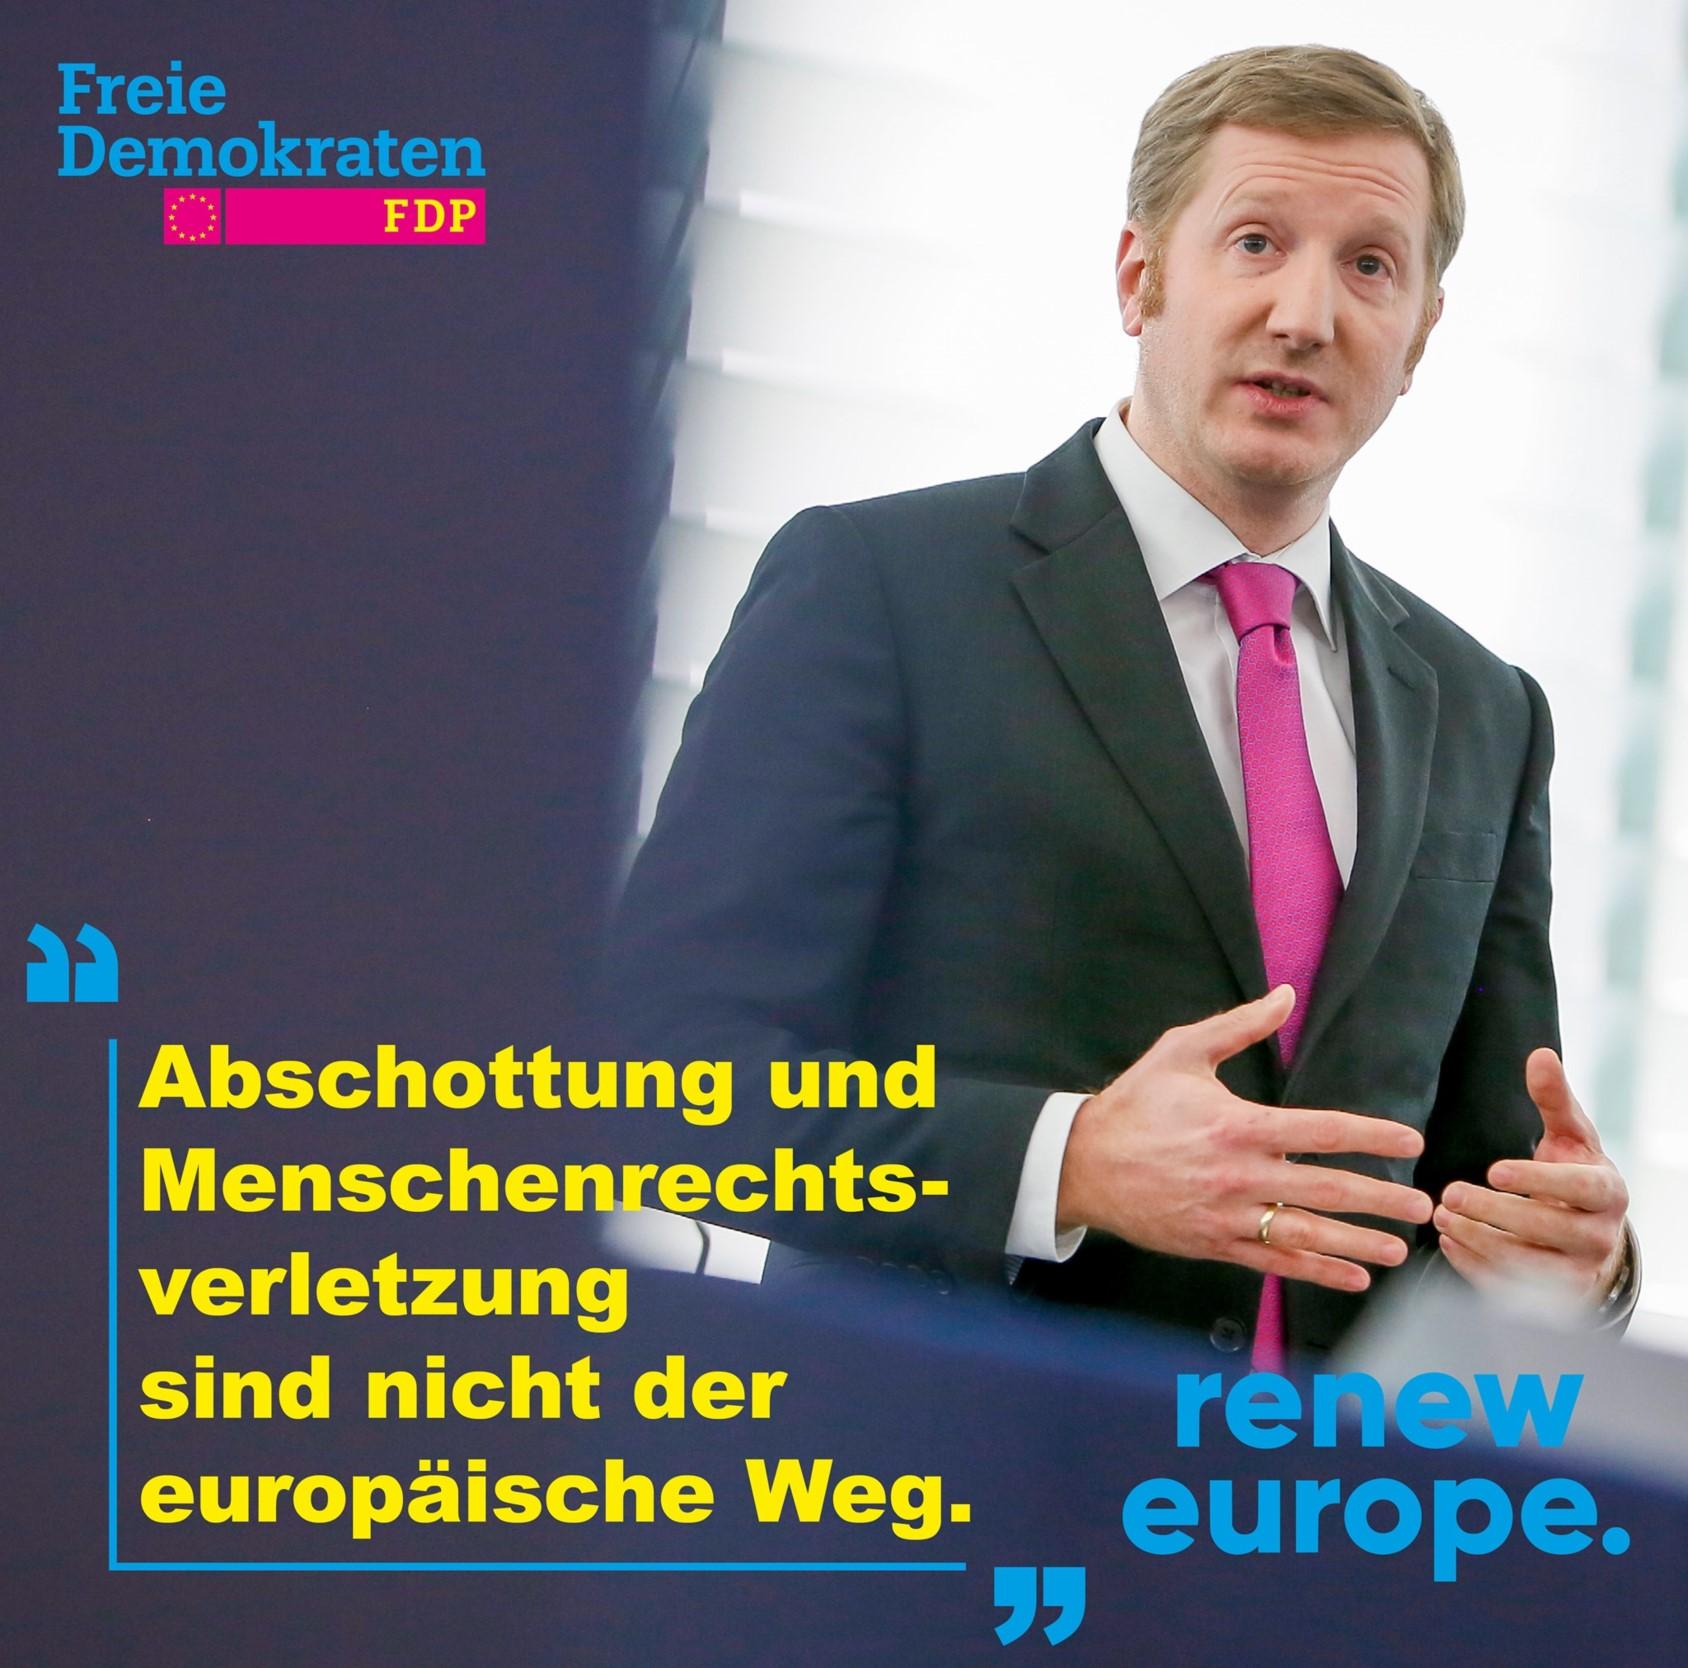 Abschottung und Menschenrechtsverletzung sind nicht der europäische Weg